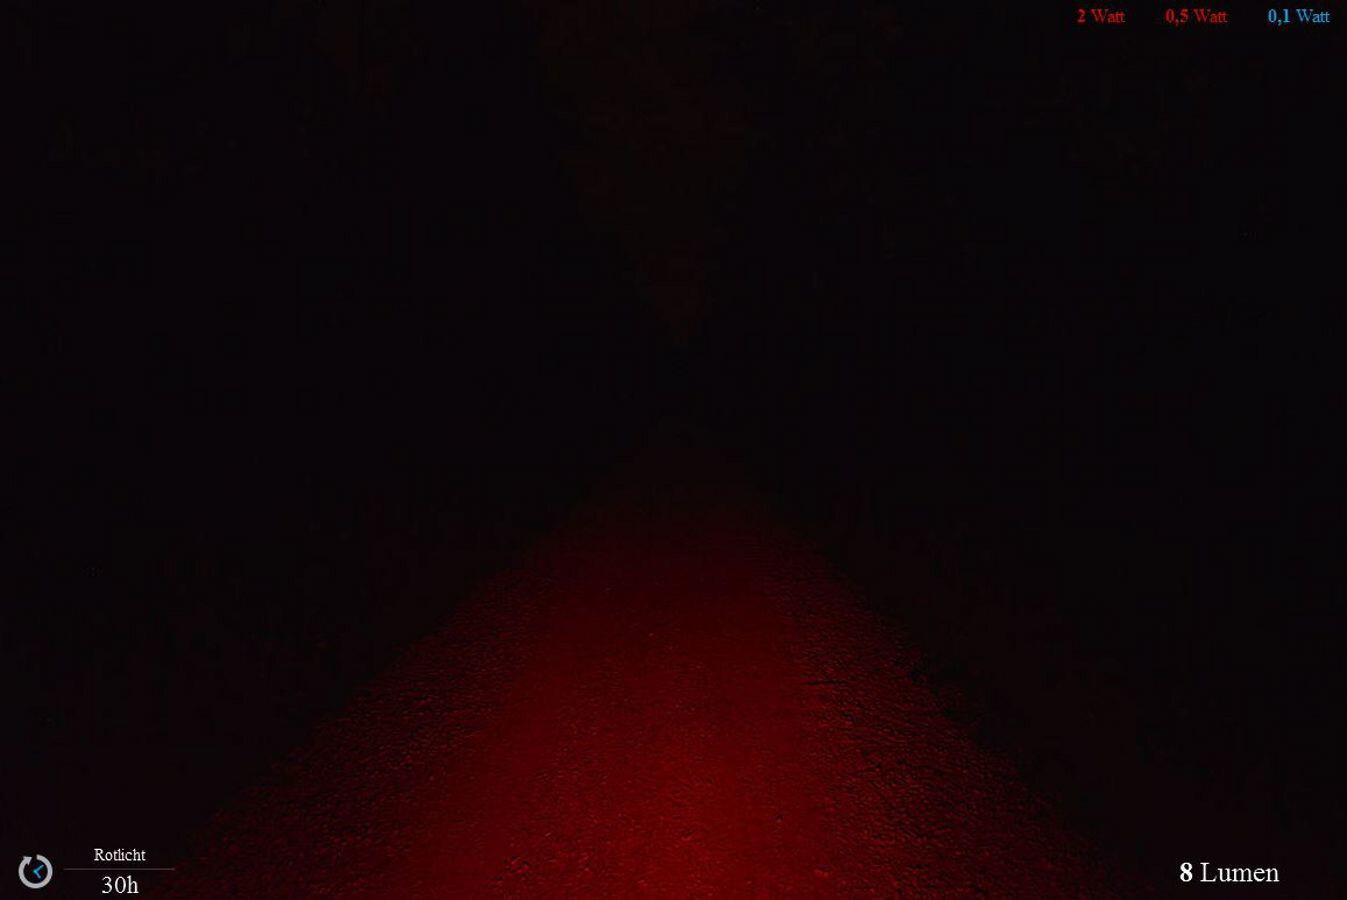 Lupine Rotlicht Rücklicht schwarzweiß